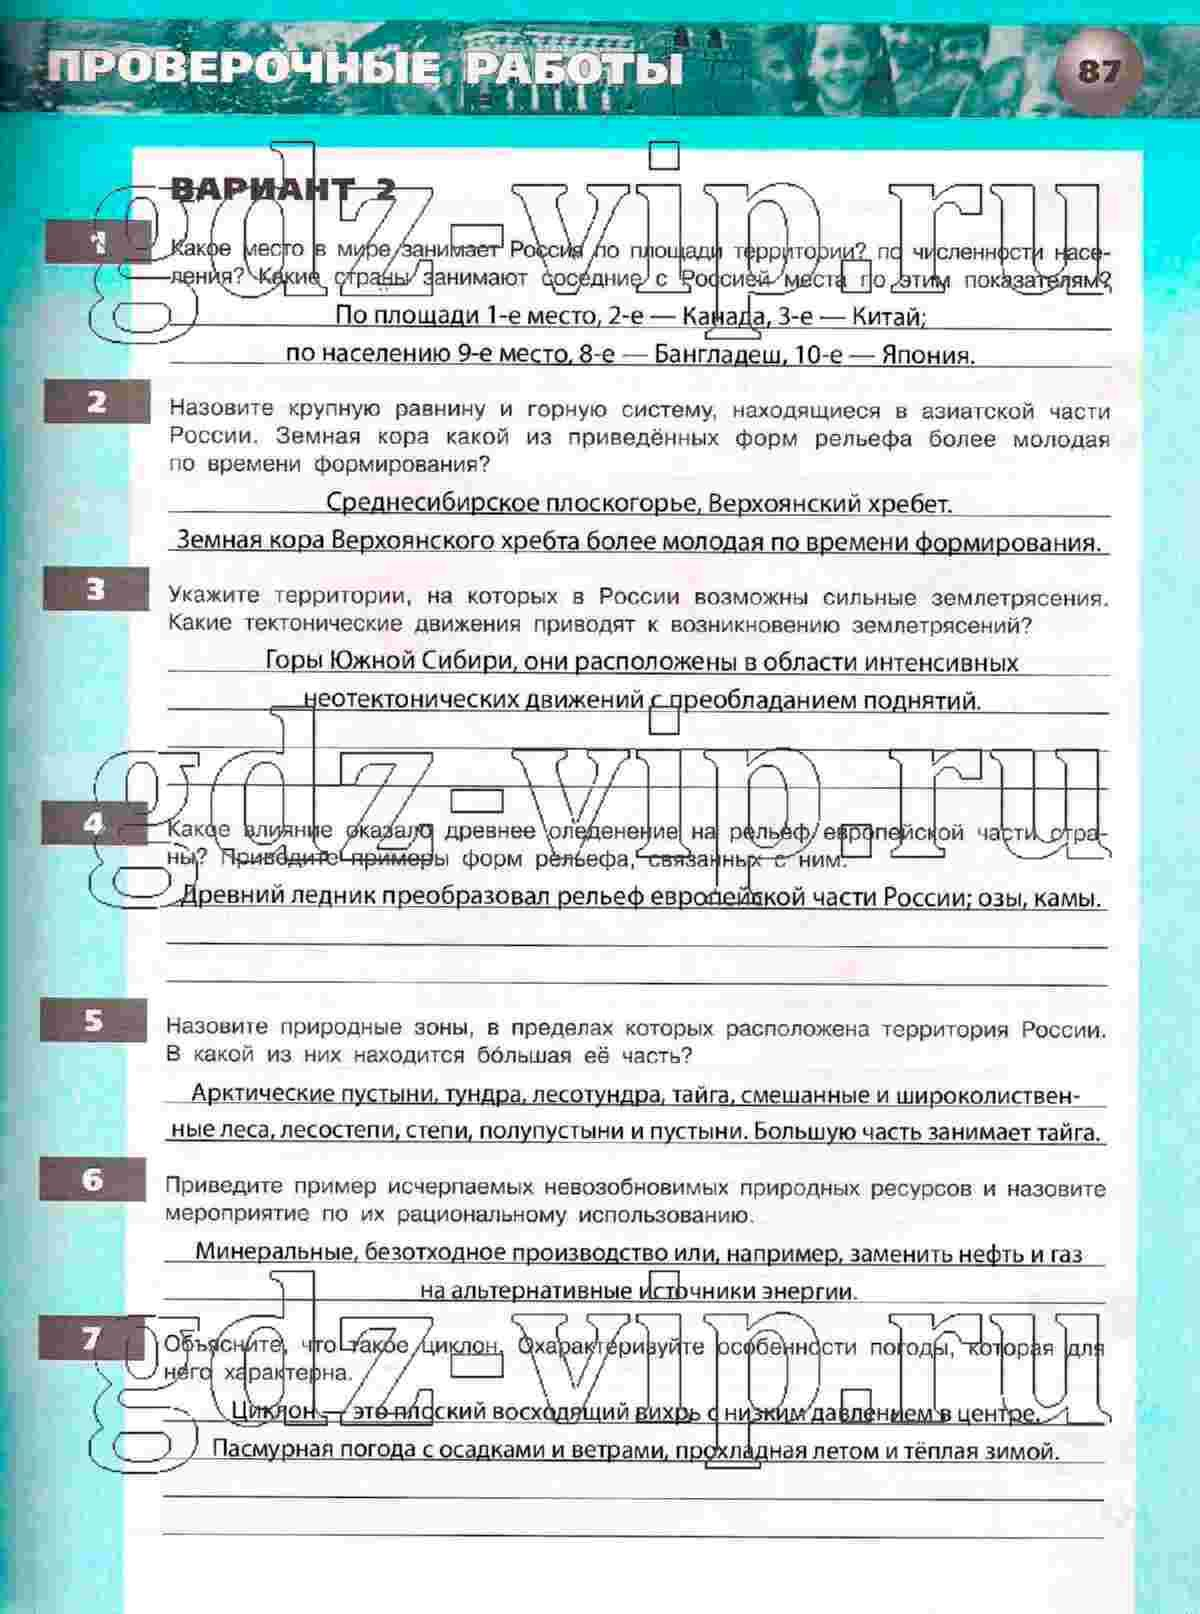 фгос русский язык тематический контроль 6 класс ответы